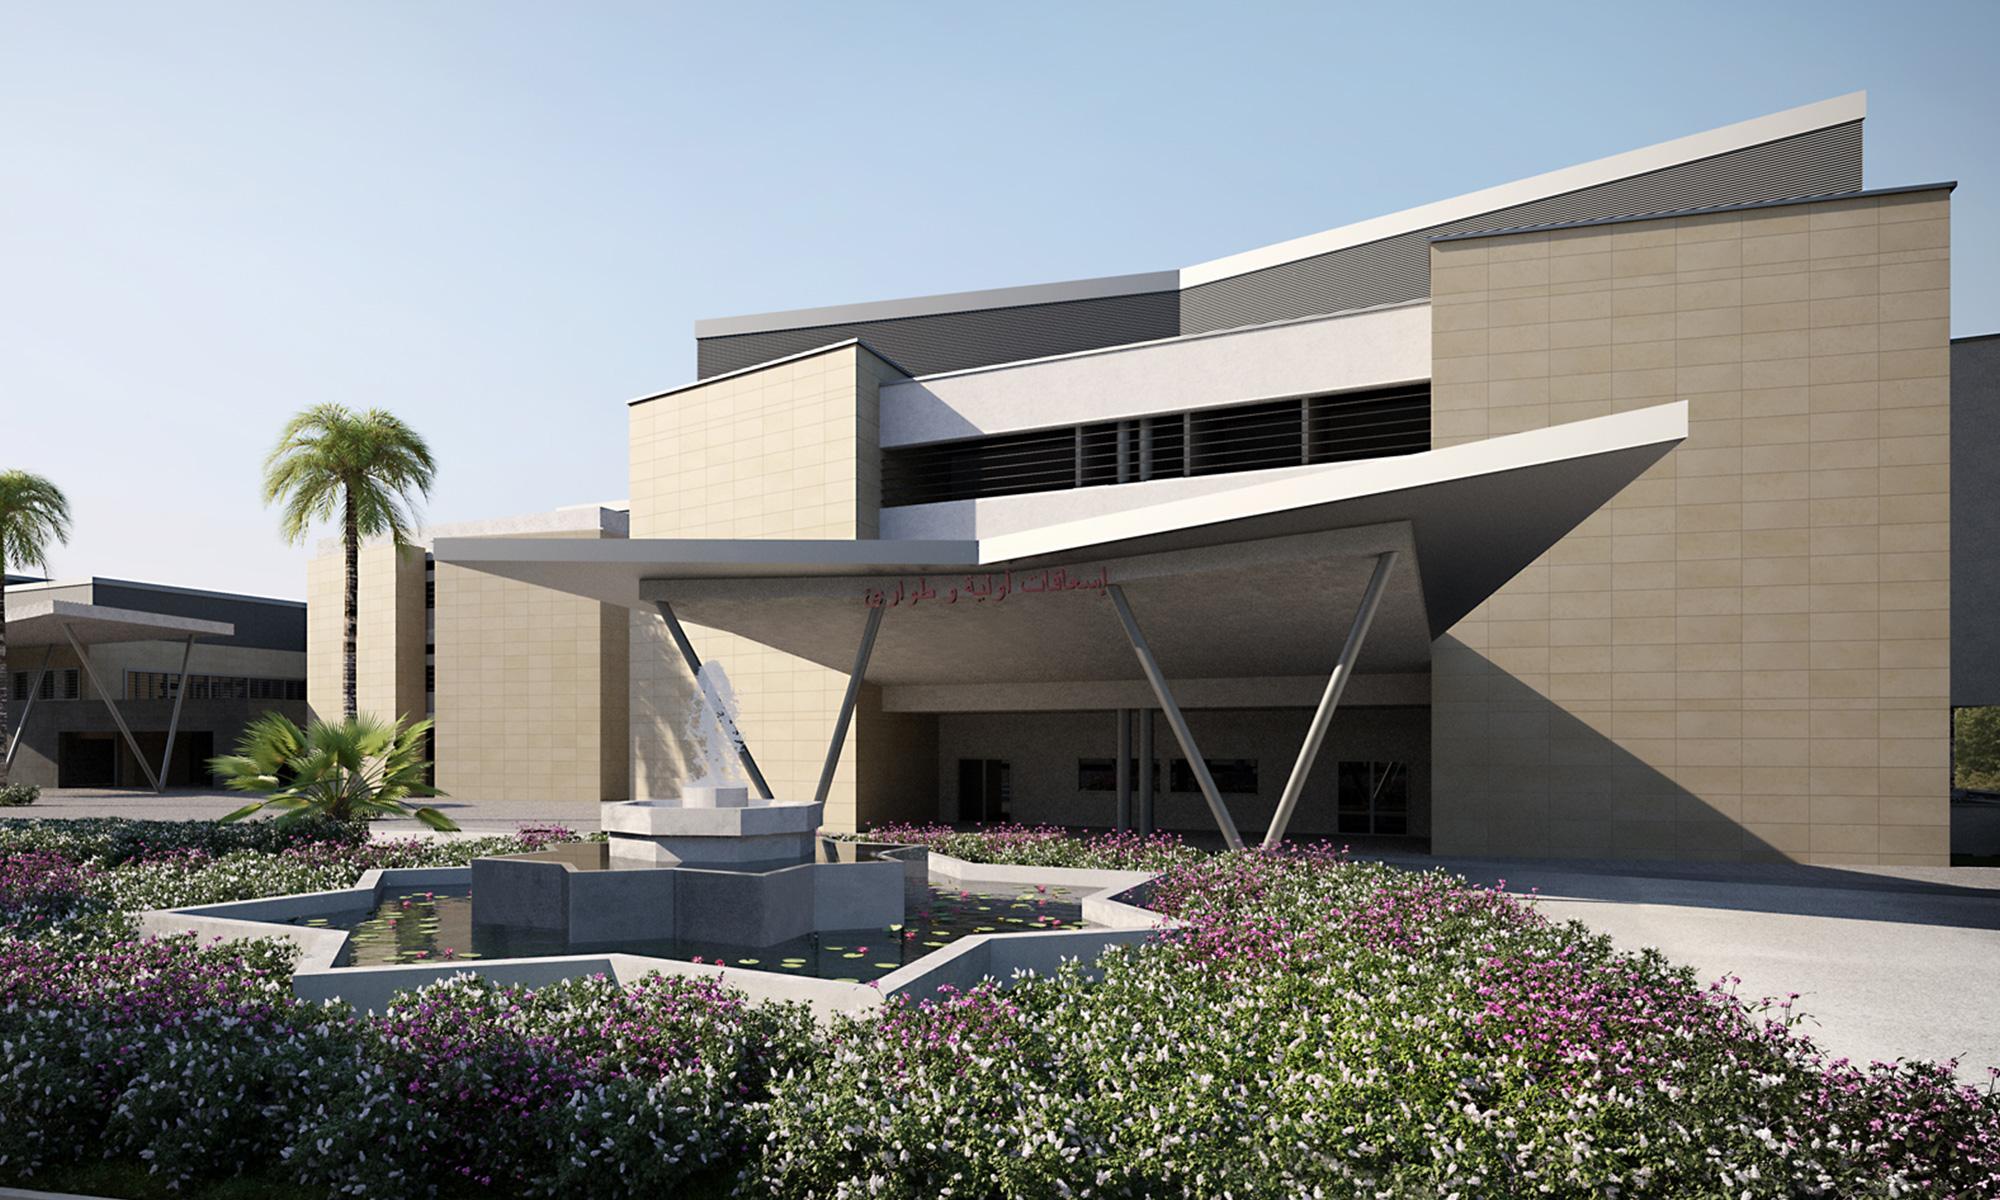 Architetto Lucia Mosconi, Binini Partners , Società di architettura e ingegneria, Reggio Emilia, Italia